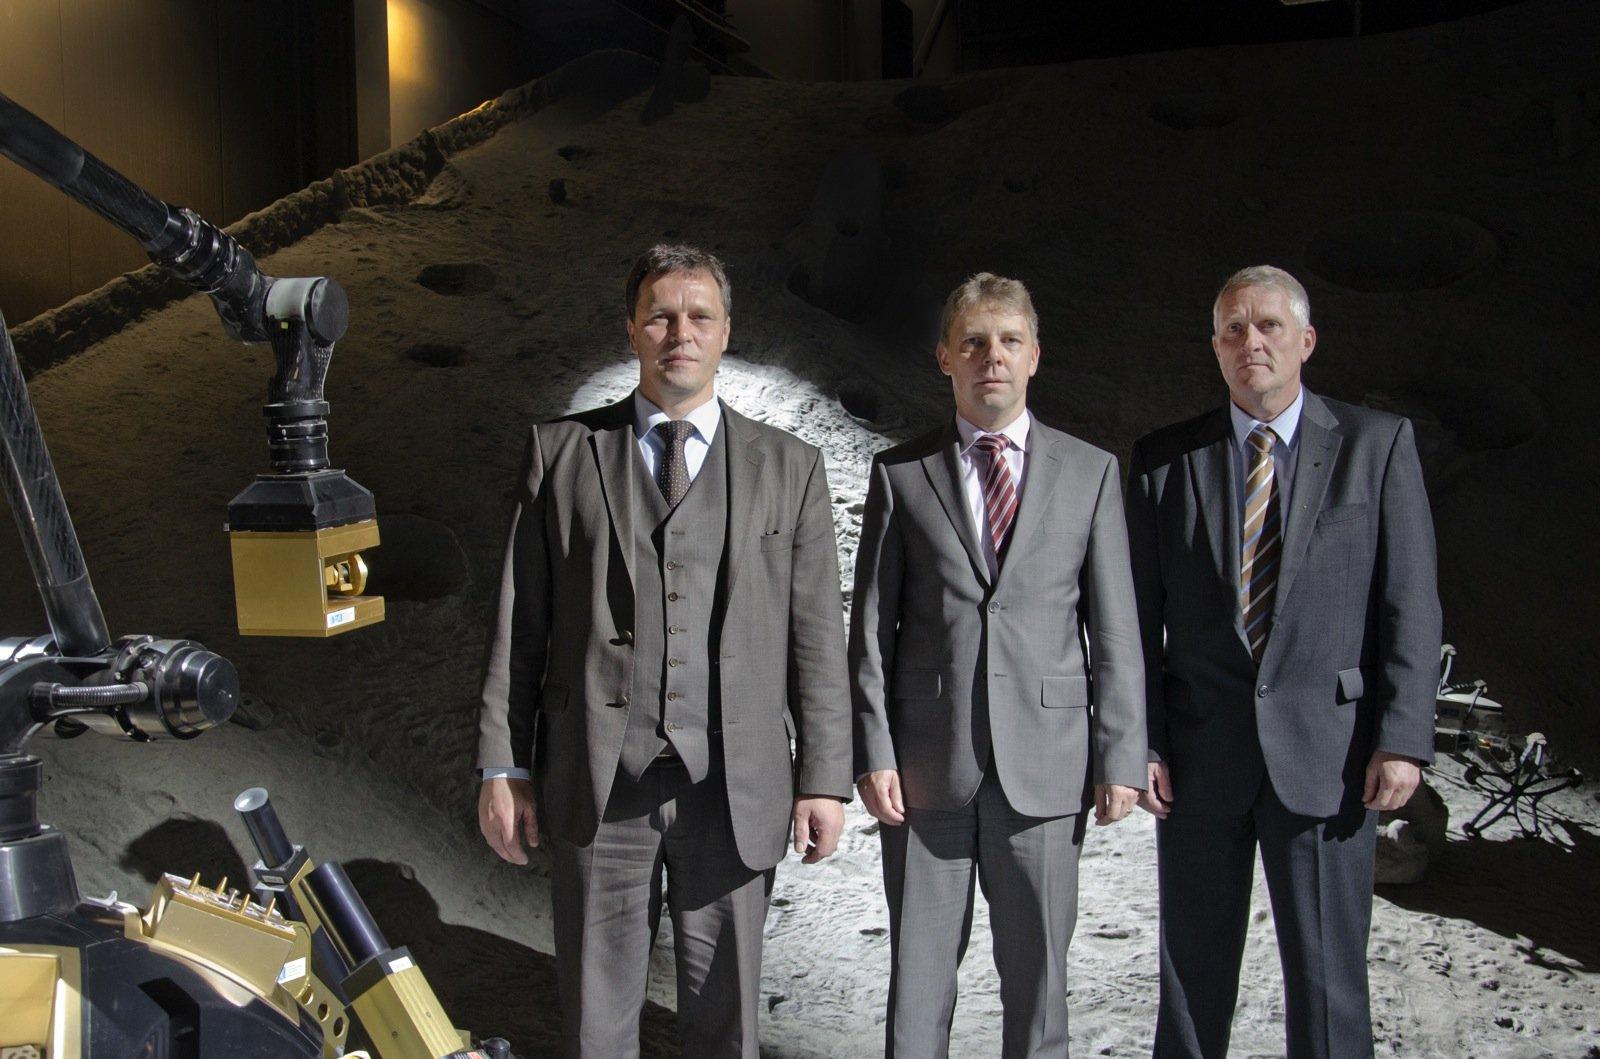 Professor Dr. Frank Kirchner, Dr. Sven Halldorn und Bernd Sommer (v.l.n.r.) geben in der Weltraum-Explorationshalle des DFKI den Startschuss zum TransTerrA-Projekt.